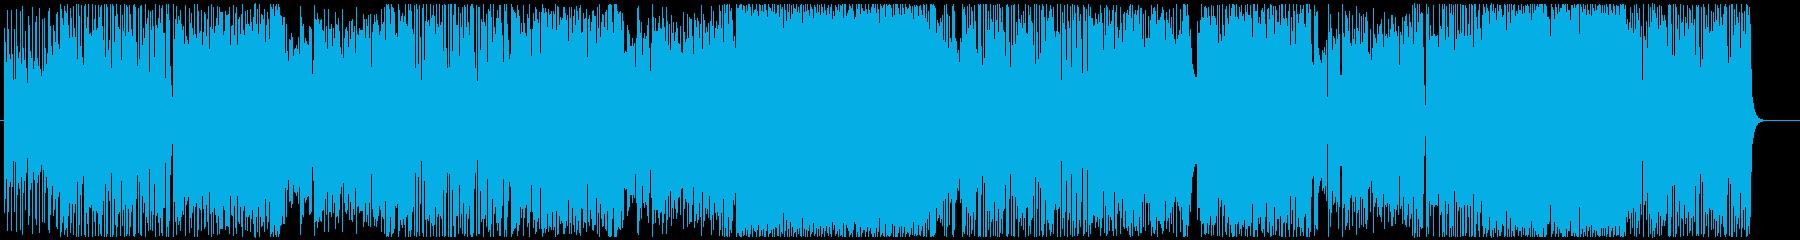 サーカスミラーの再生済みの波形